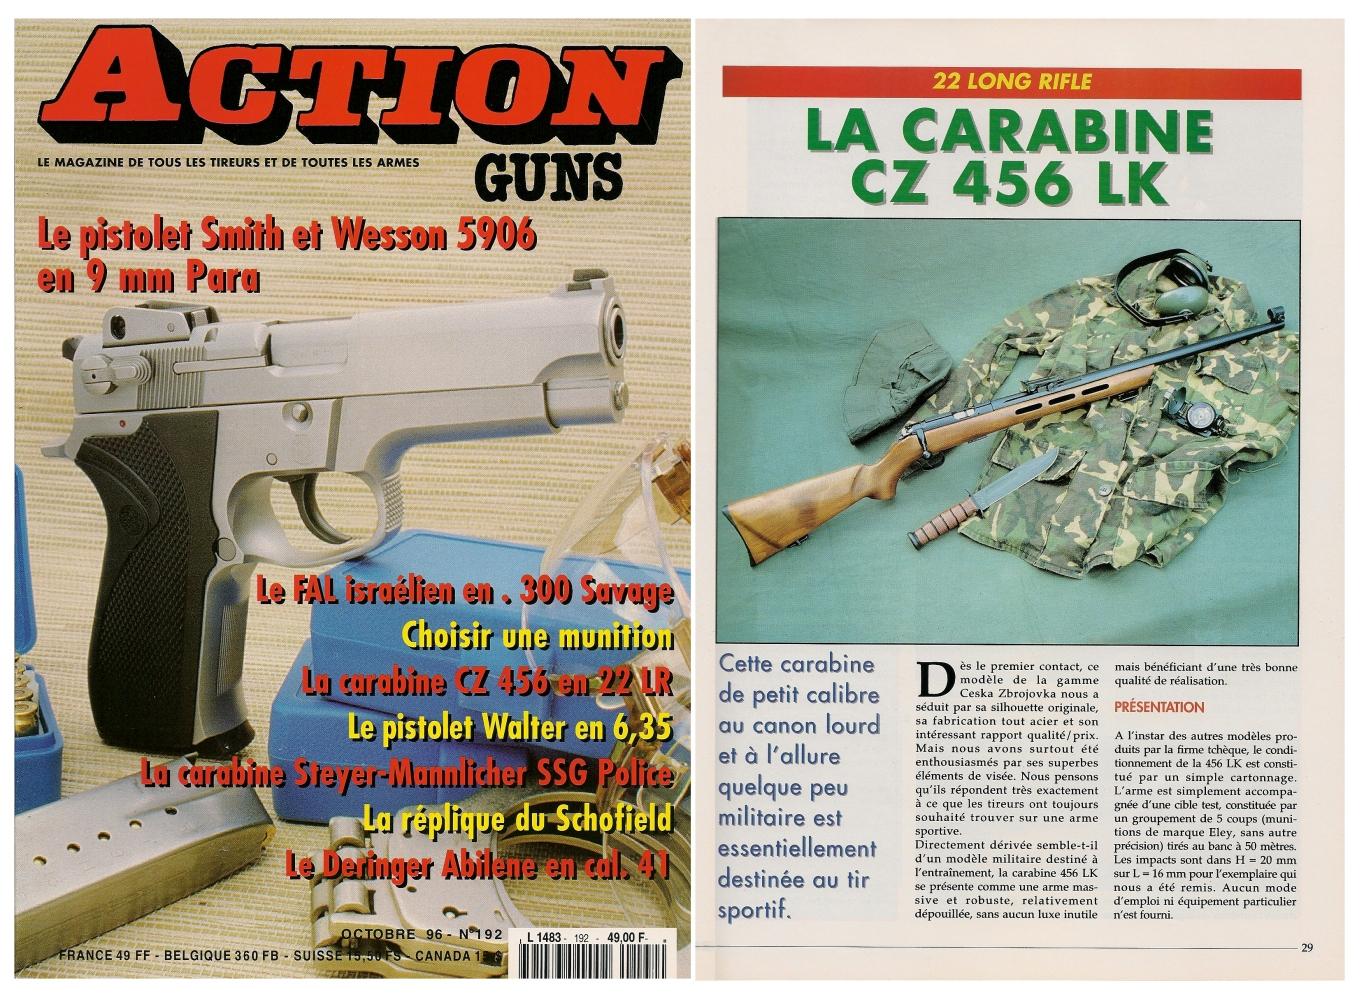 Le banc d'essai de la carabine CZ 456 LK a été publié sur 5 pages dans le magazine Action Guns n°192 (octobre 1996).